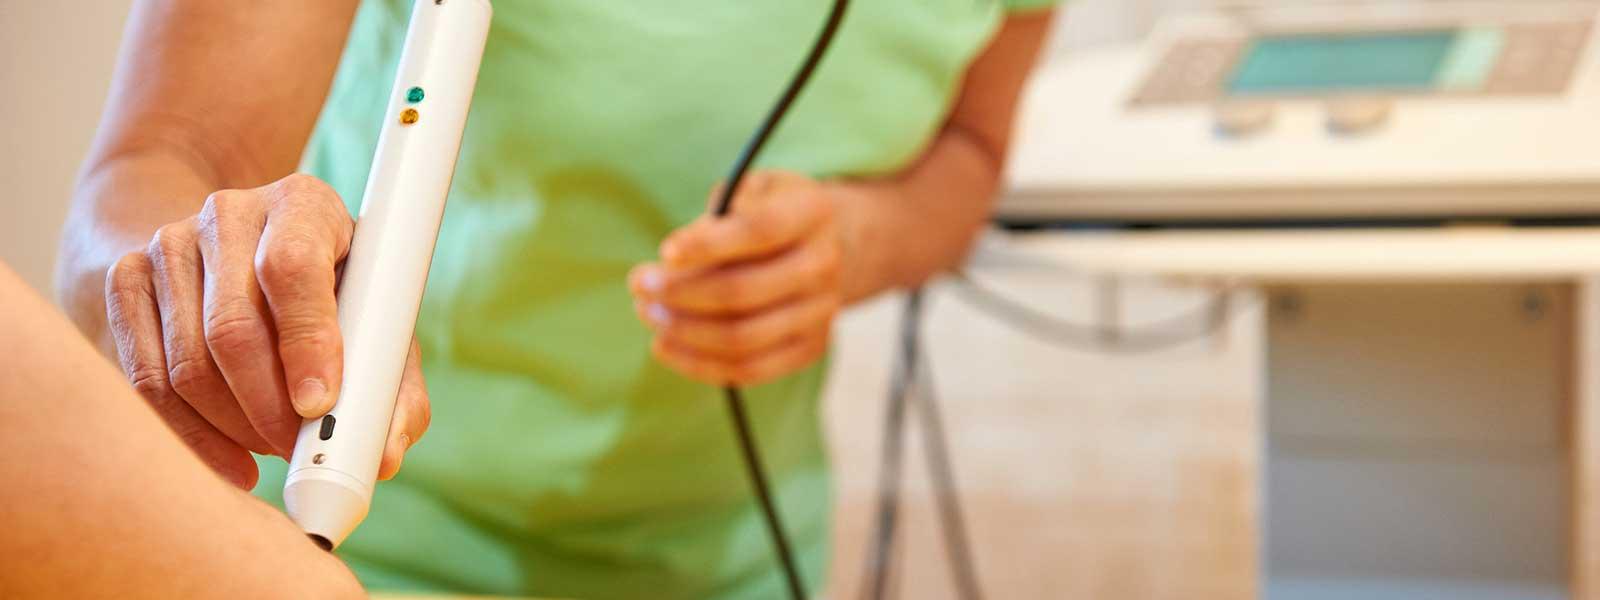 Lasertherapie Elektrobehandlung